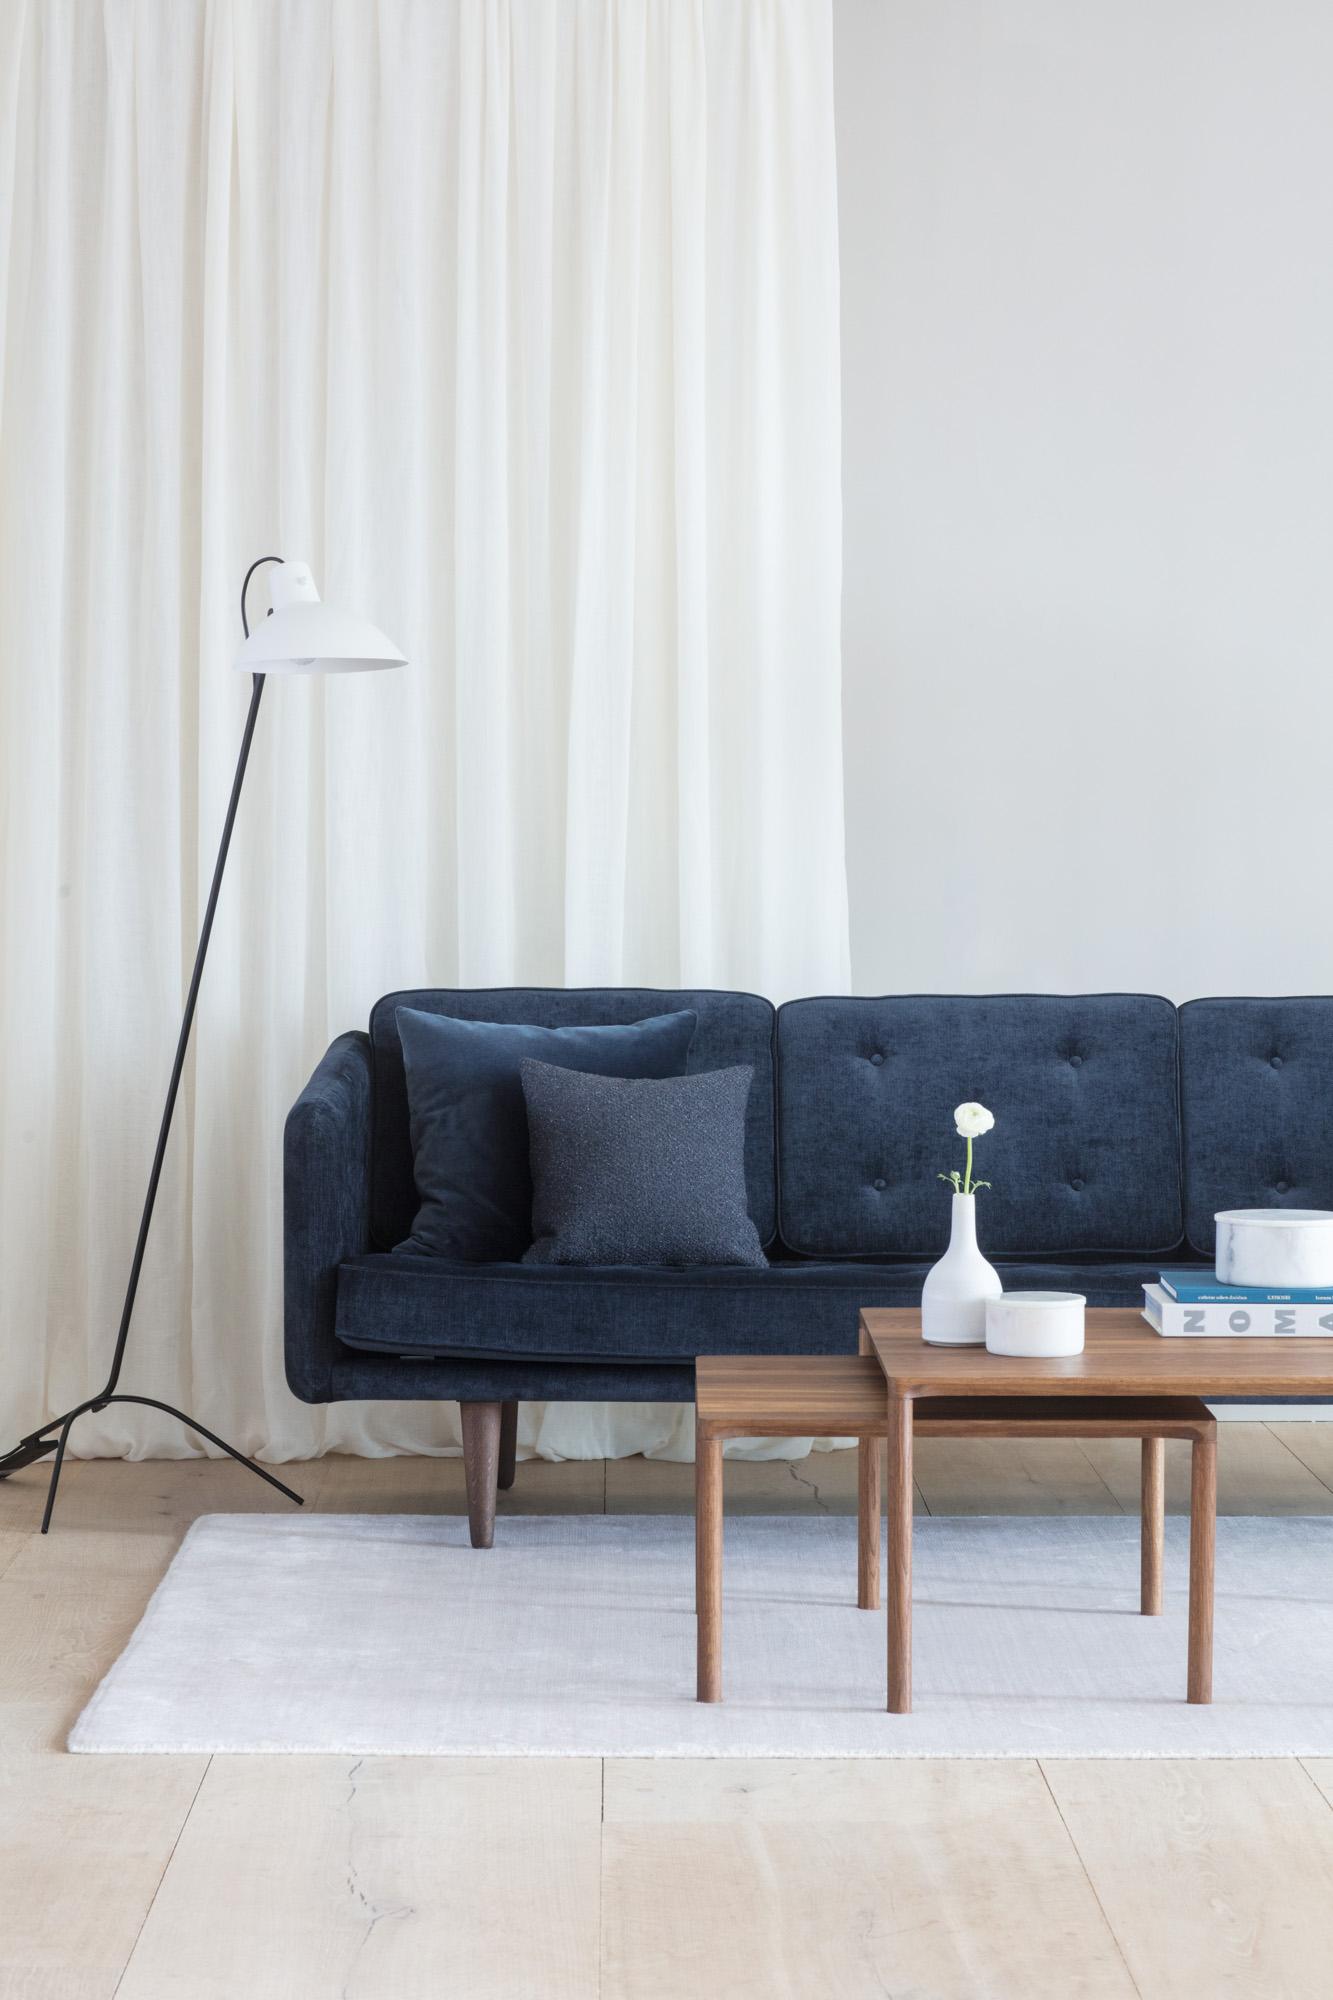 Fredericia_Furniture_19.09.17_9419-RT.jpg